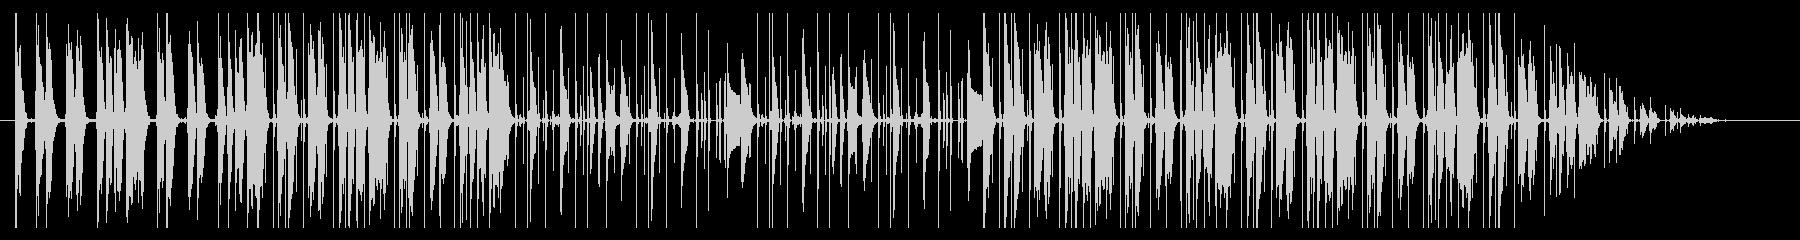 穏やかな印象 lo-fi hiphop の未再生の波形